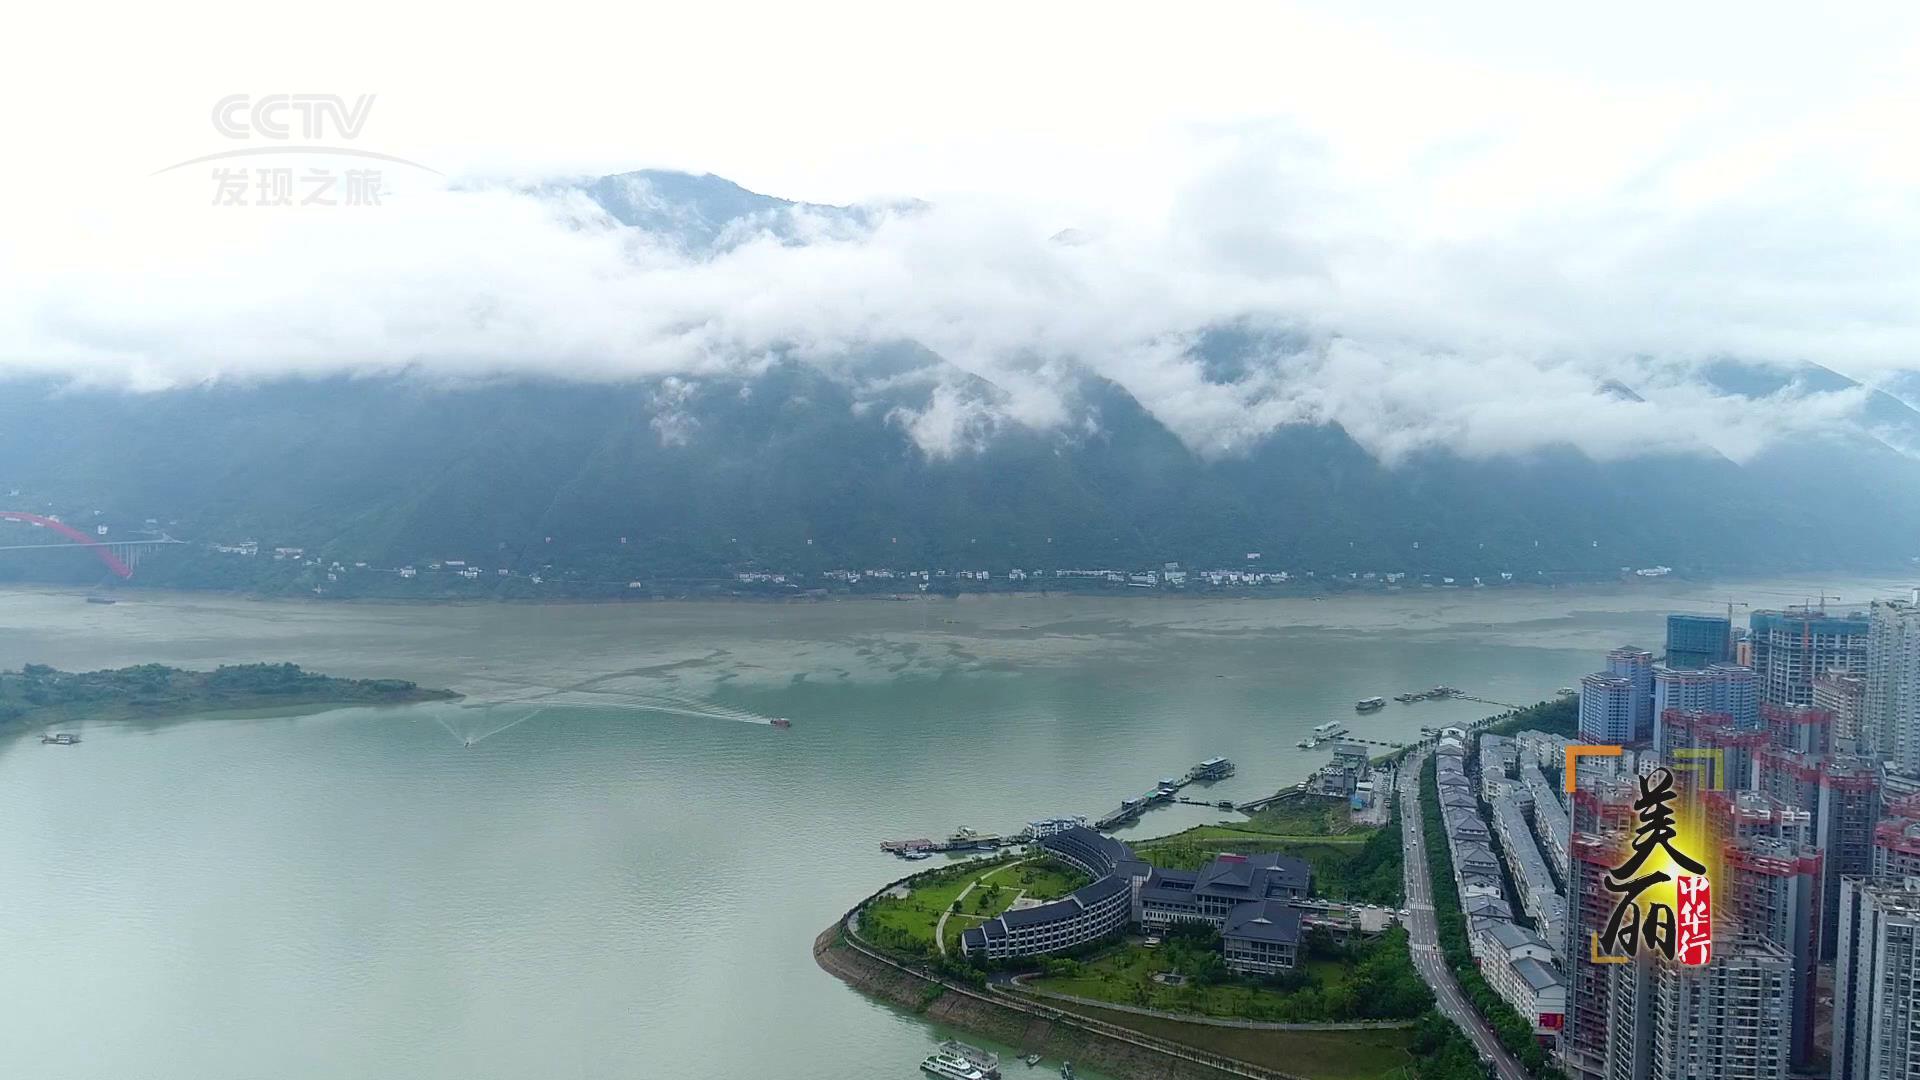 数百里的距离并不遥远,却容纳了一处壮丽雄奇的风景,这里是长江三峡.